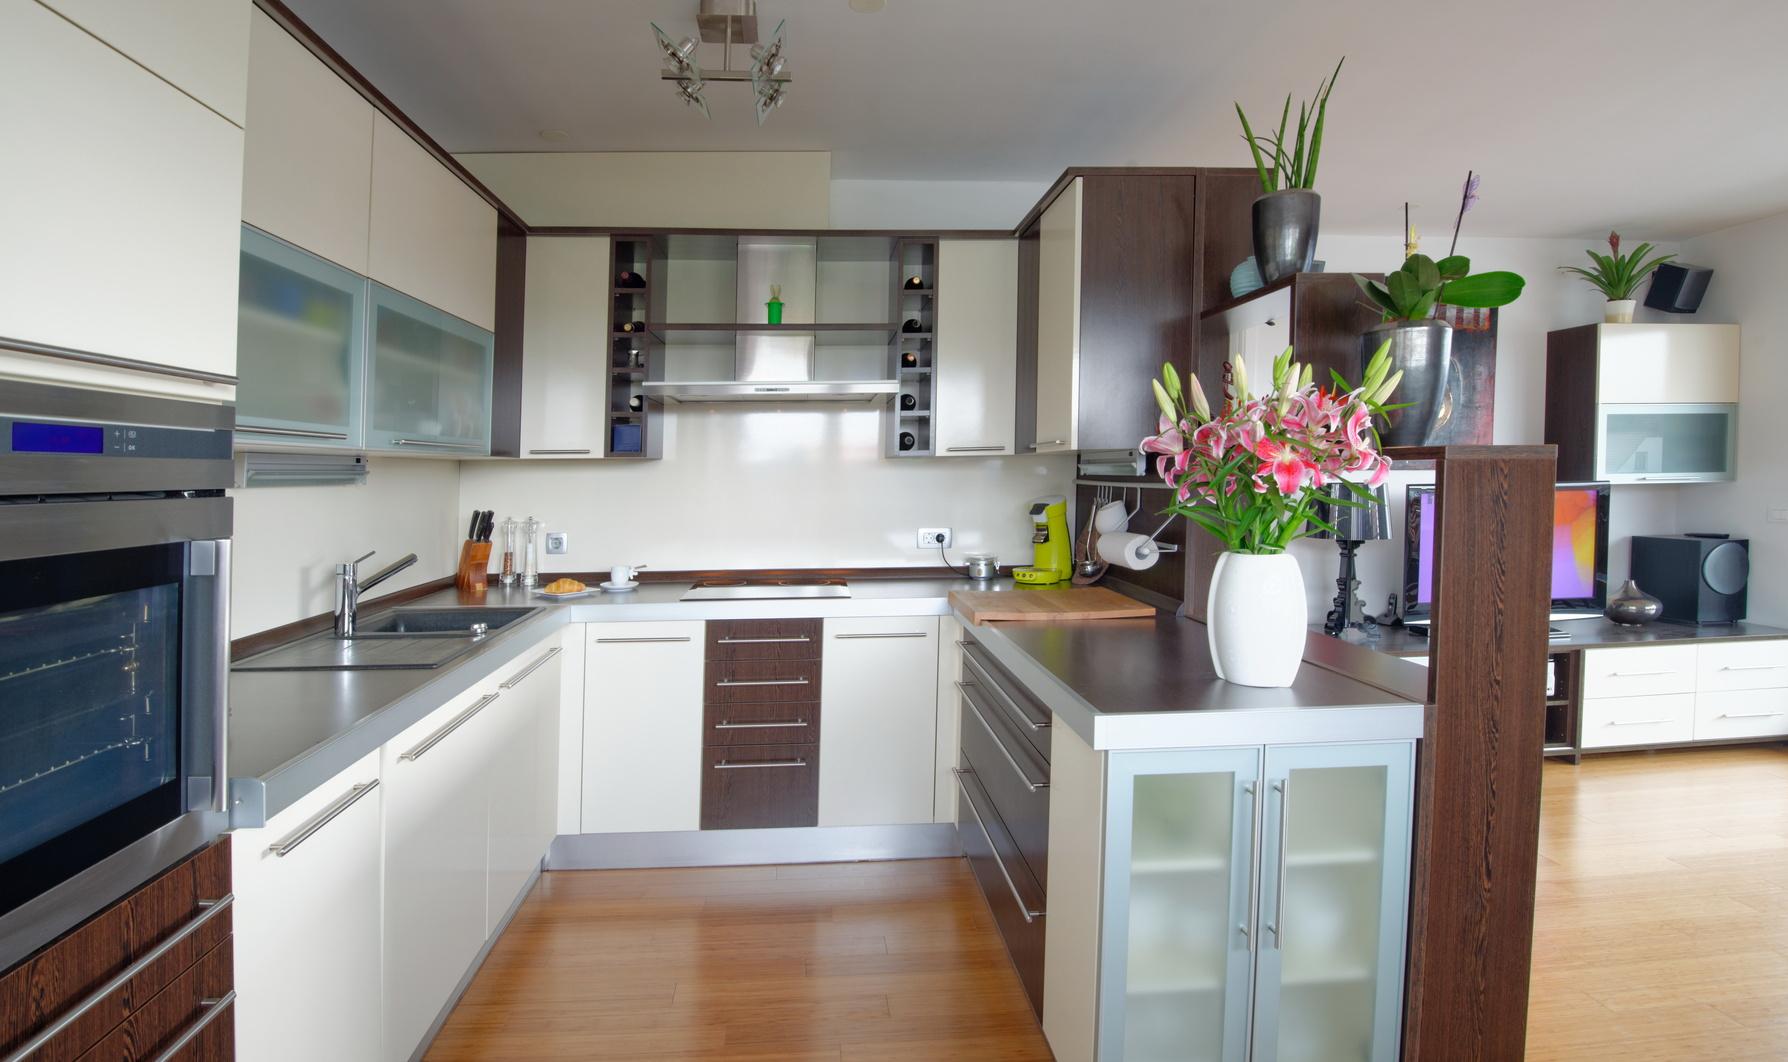 Einbauküchen u form holz  Küchenliebhaber.de